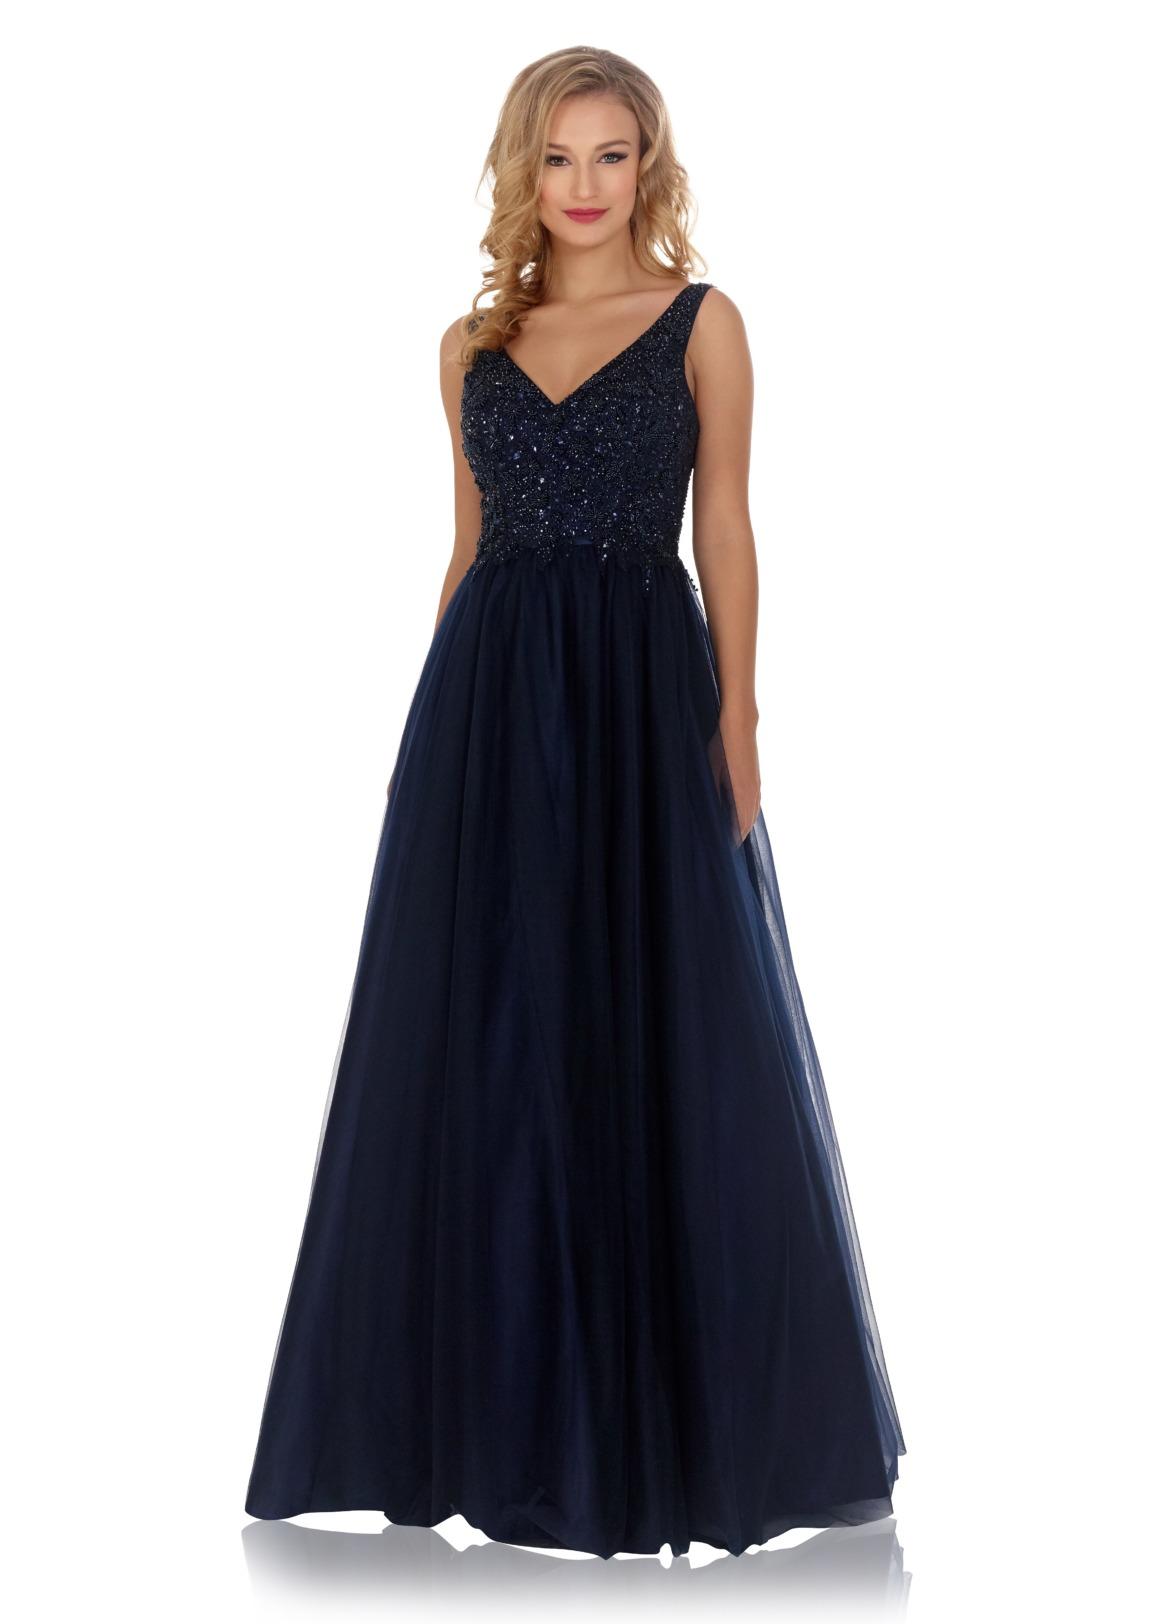 Schützenfest Königinnenkleid Hofdamen Hofstaat Kleid dunkelblau navy blau Tüllrock elegant glitzer V-Ausschnitt